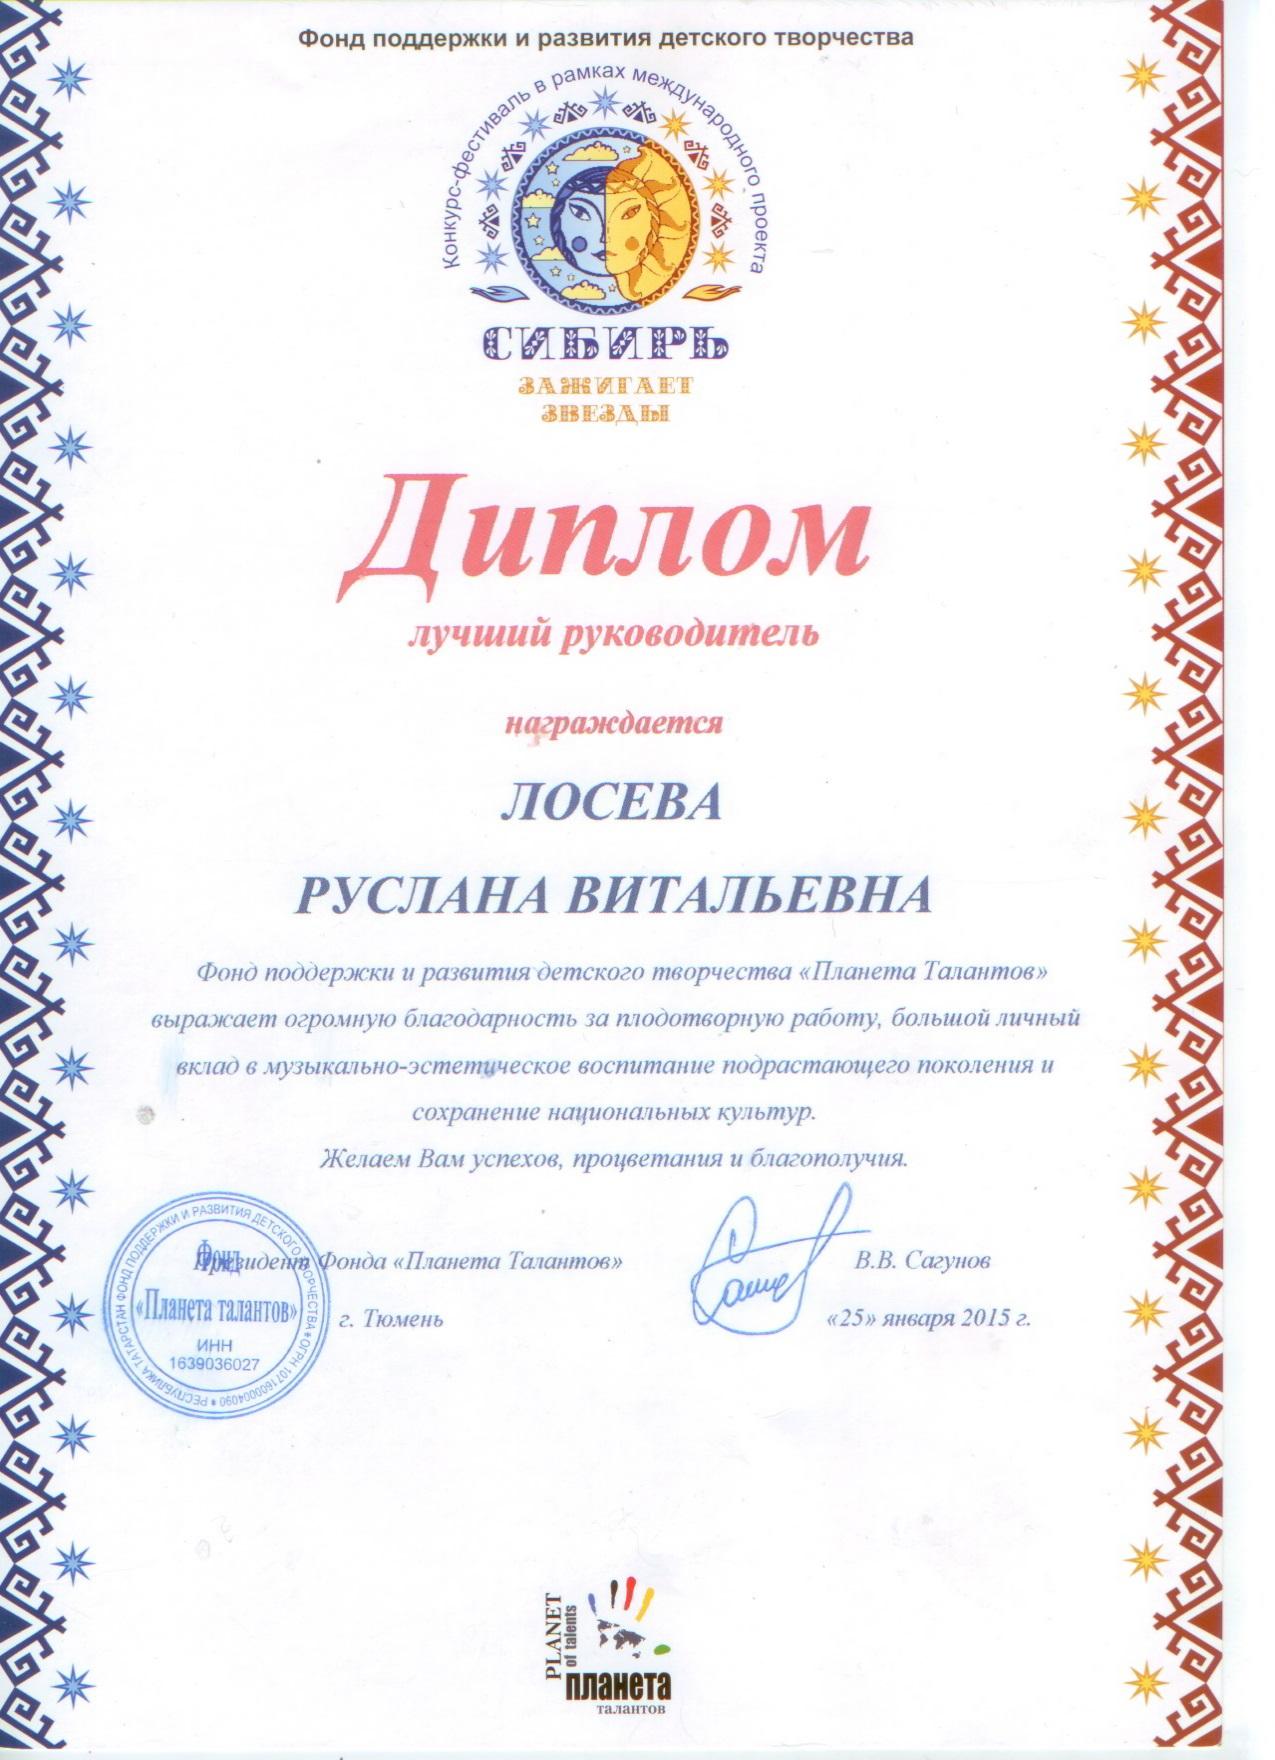 Заслуги ЯромилЪ  Диплом международного фестиваля искусств культуры и творчества Пассионарии культуры